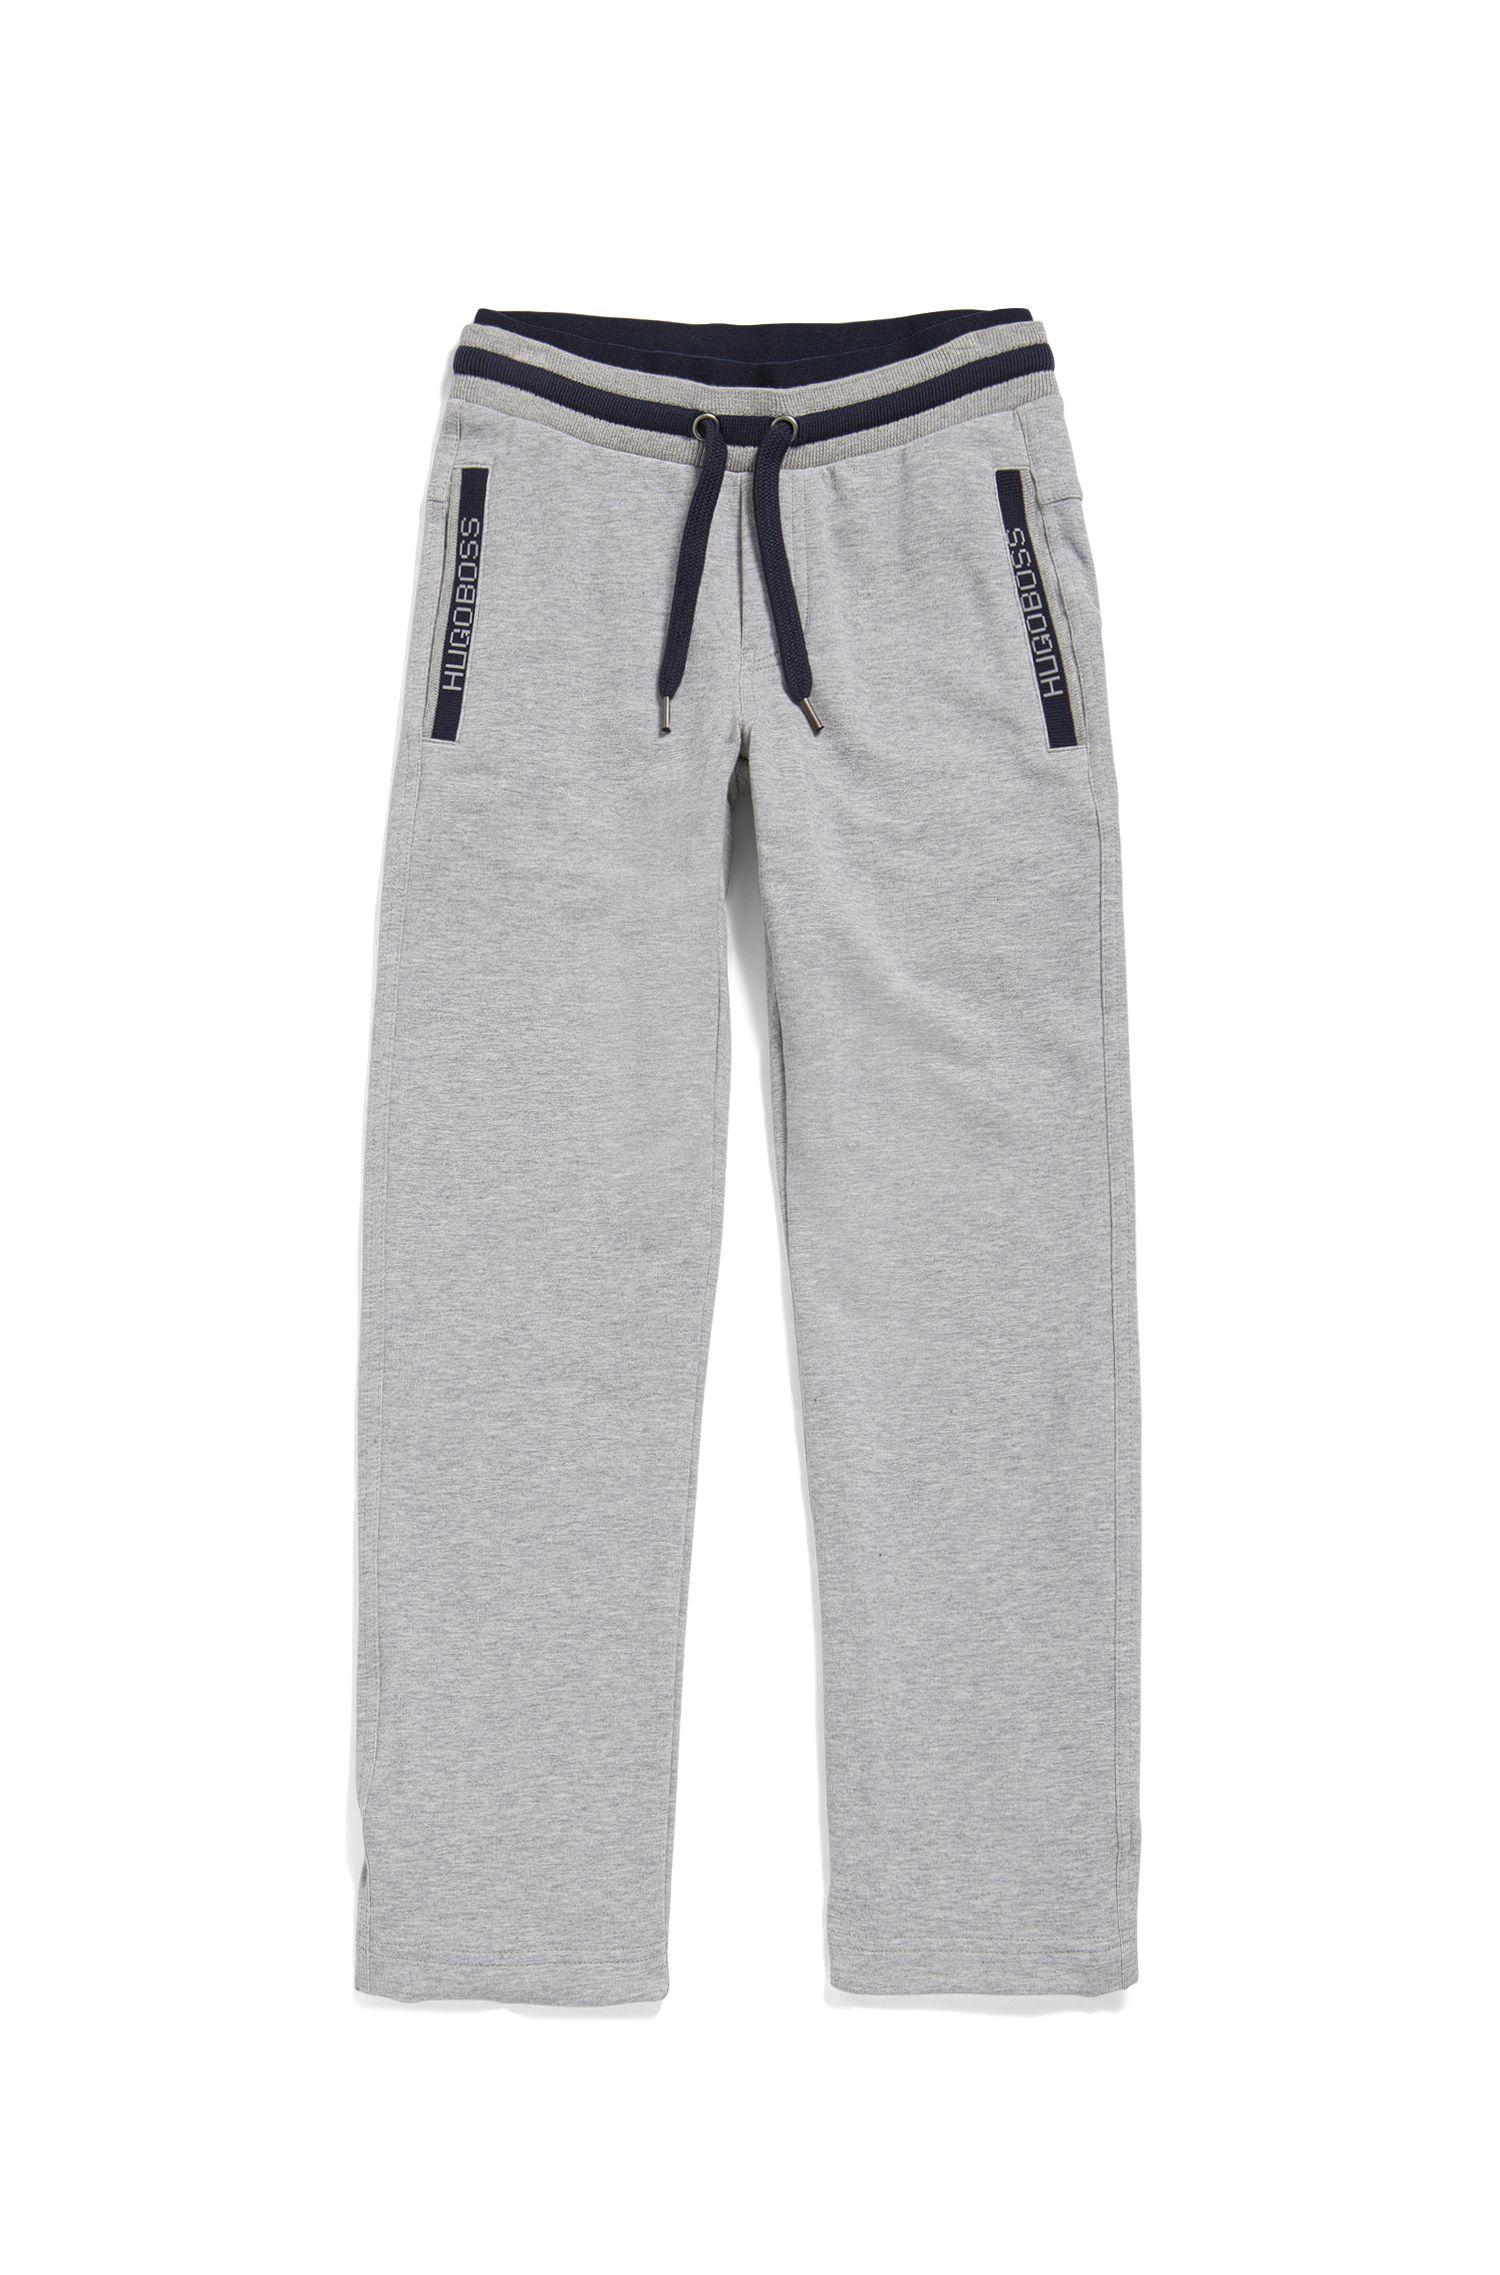 Pantaloni da jogging da bambino con cordoncino in cotone elasticizzato